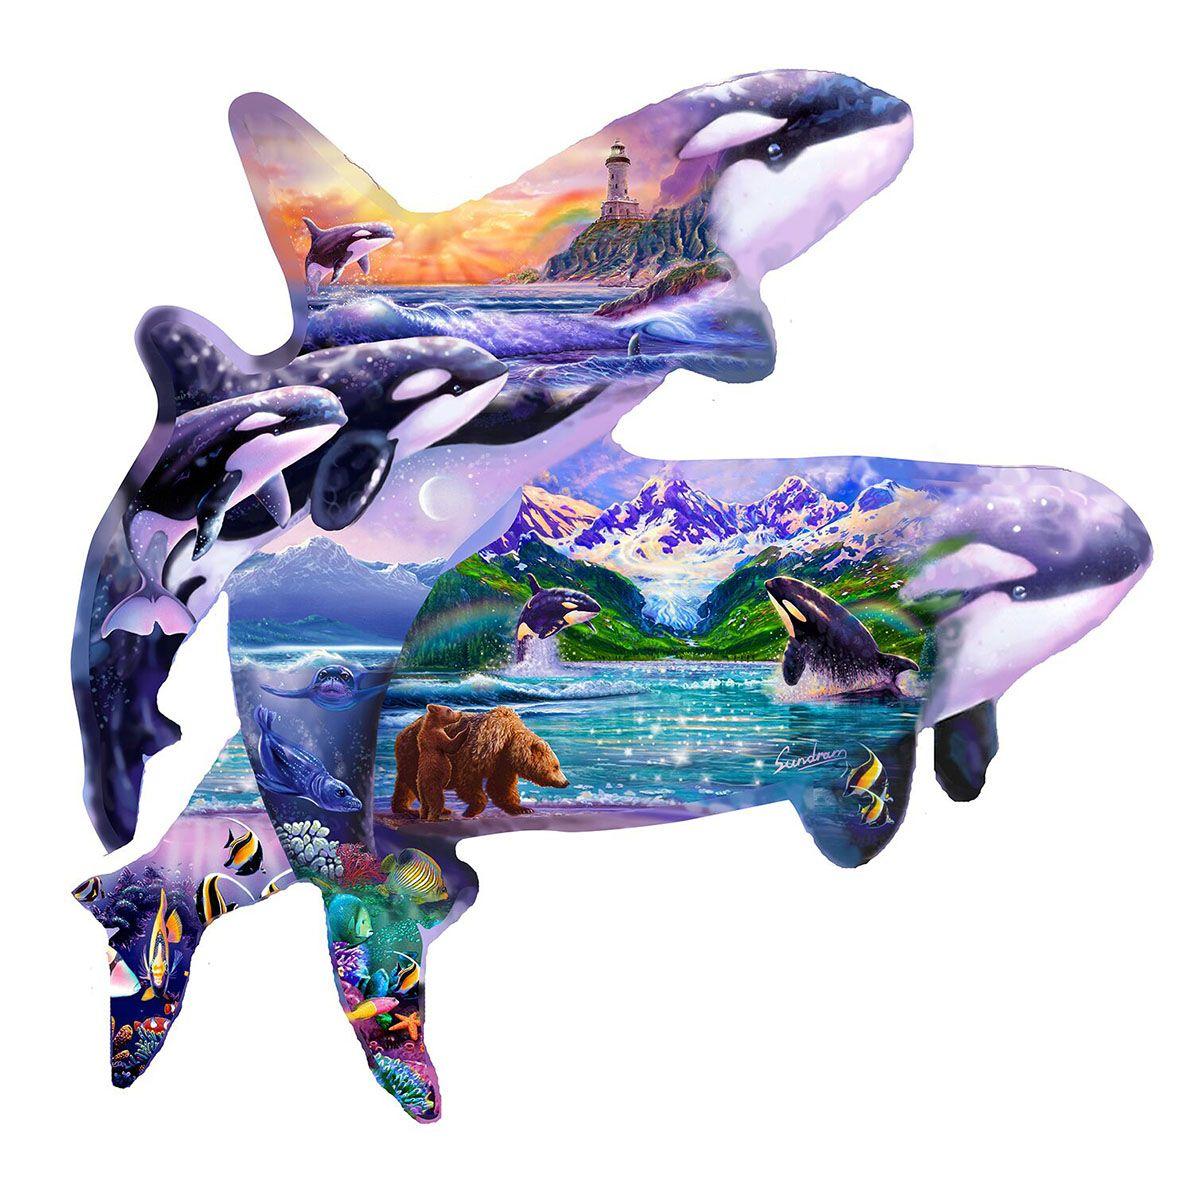 Пъзел SunsOut от 1000 части - Китове убийци, Стийв Съндрам - 1